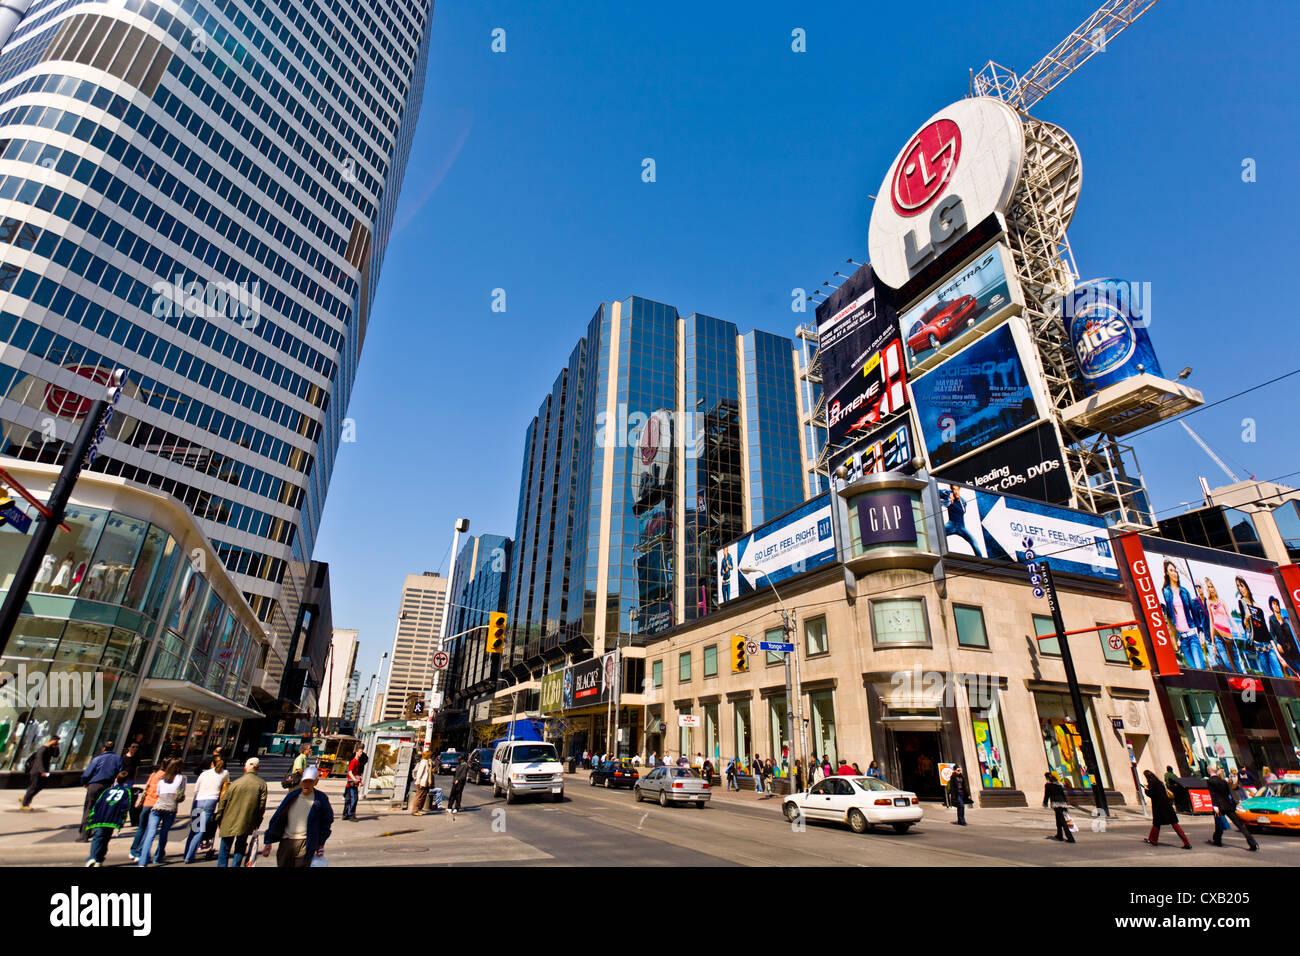 Intersection de la rue Young et de la rue Dundas, montrant une partie de l'Eaton Centre, comme vu de Dundas Photo Stock